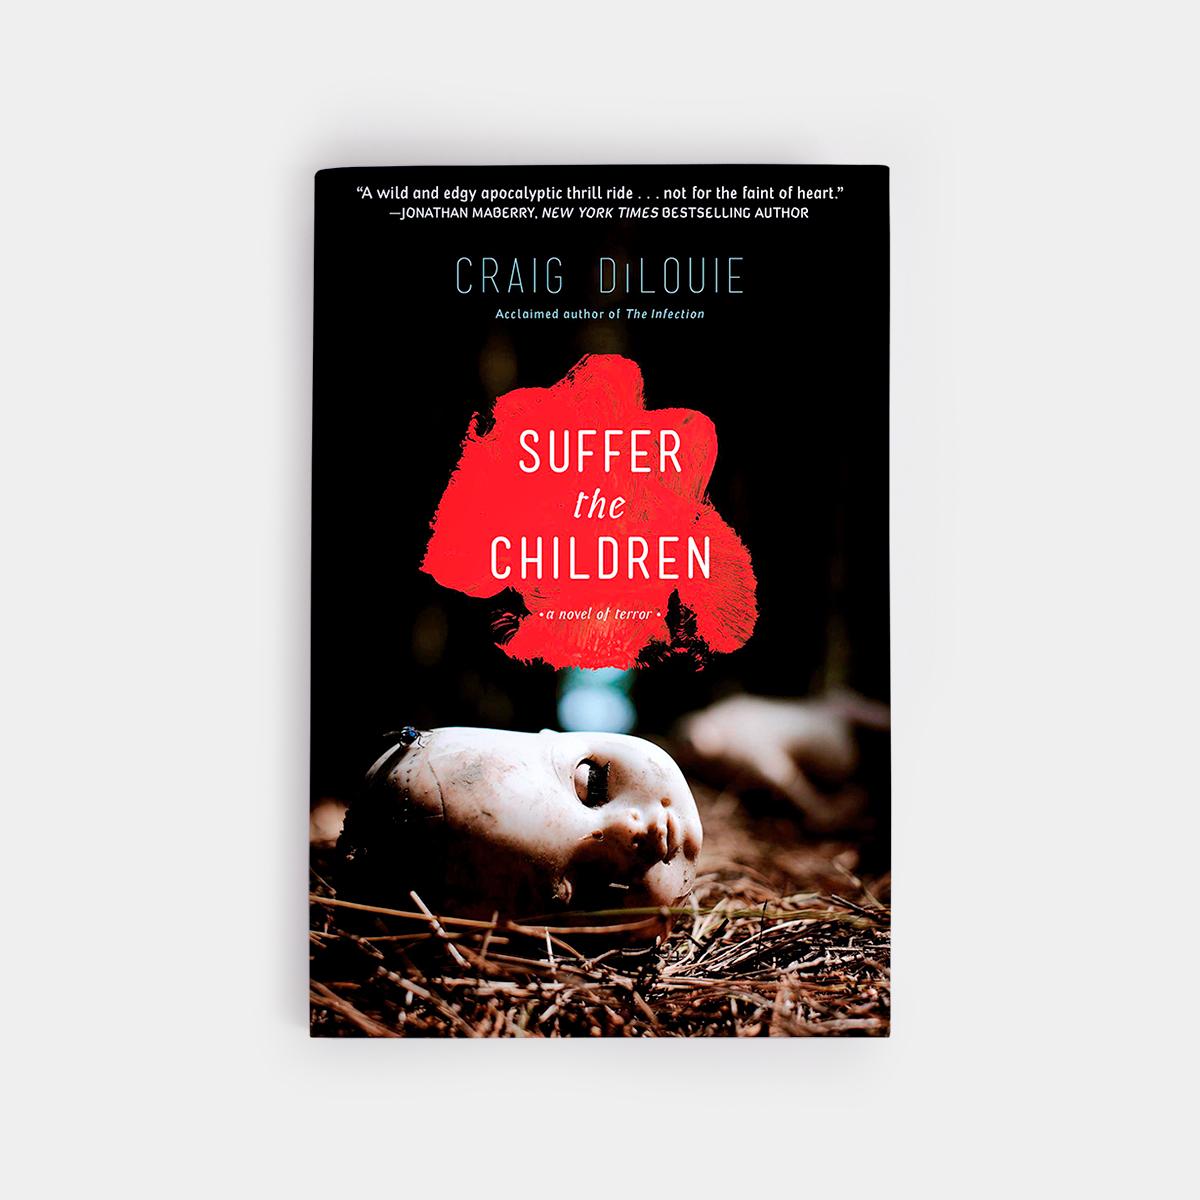 Suffer the Children - annadorfman.com